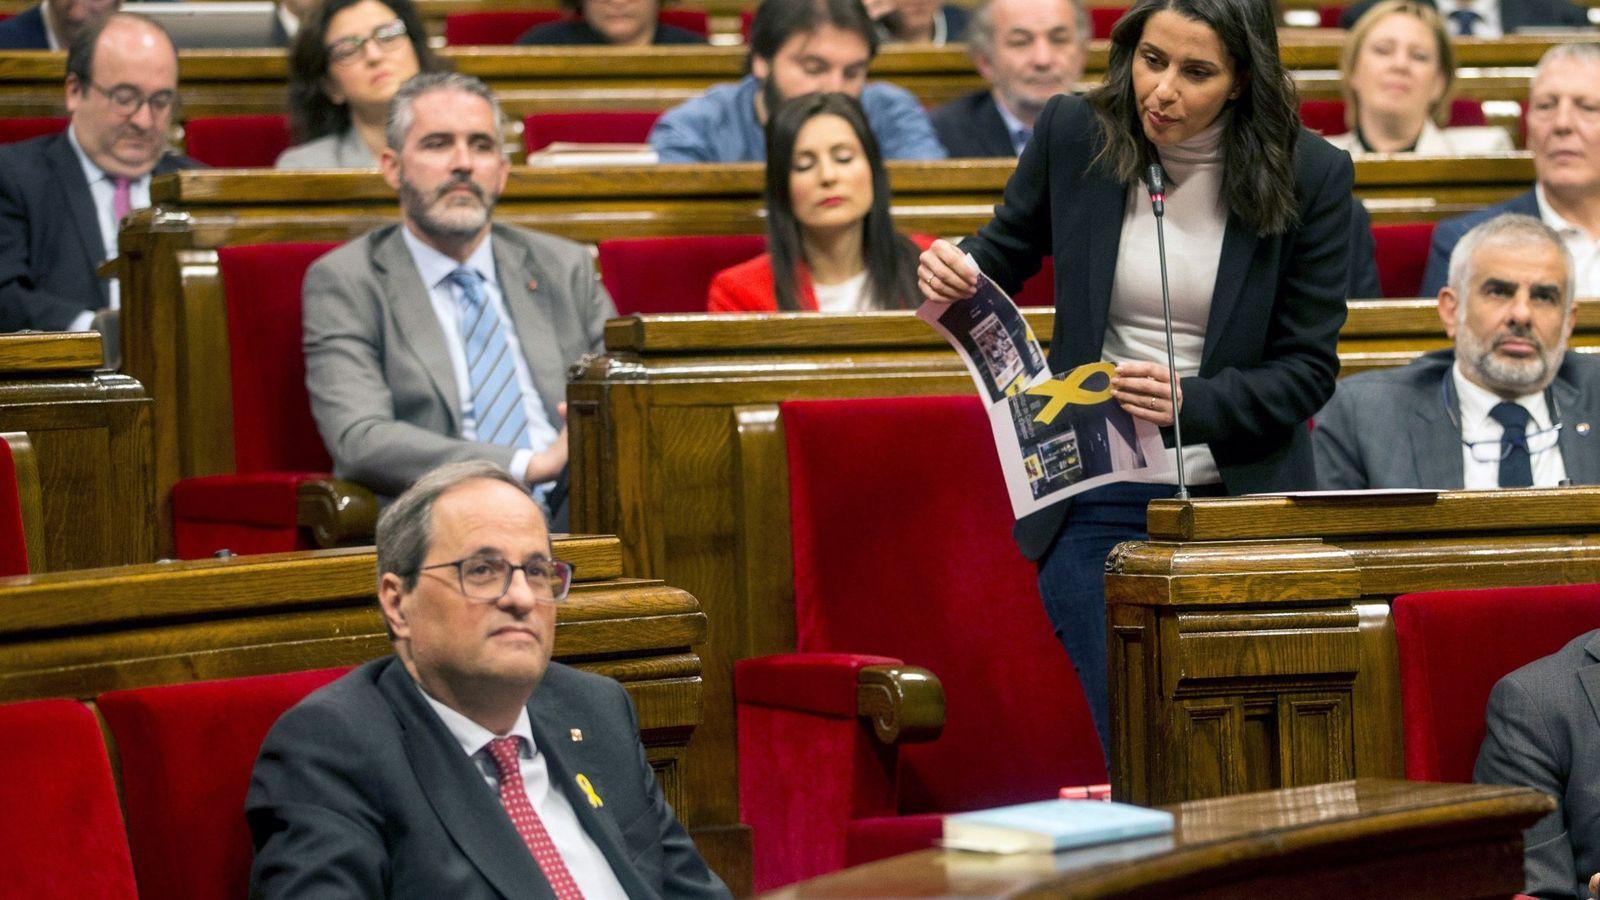 Foto: La líder de Ciudadanos, Inés Arrimadas, interpela al presidente de la Generalitat, Quim Torra, durante la sesión de control al Govern. (EFE)